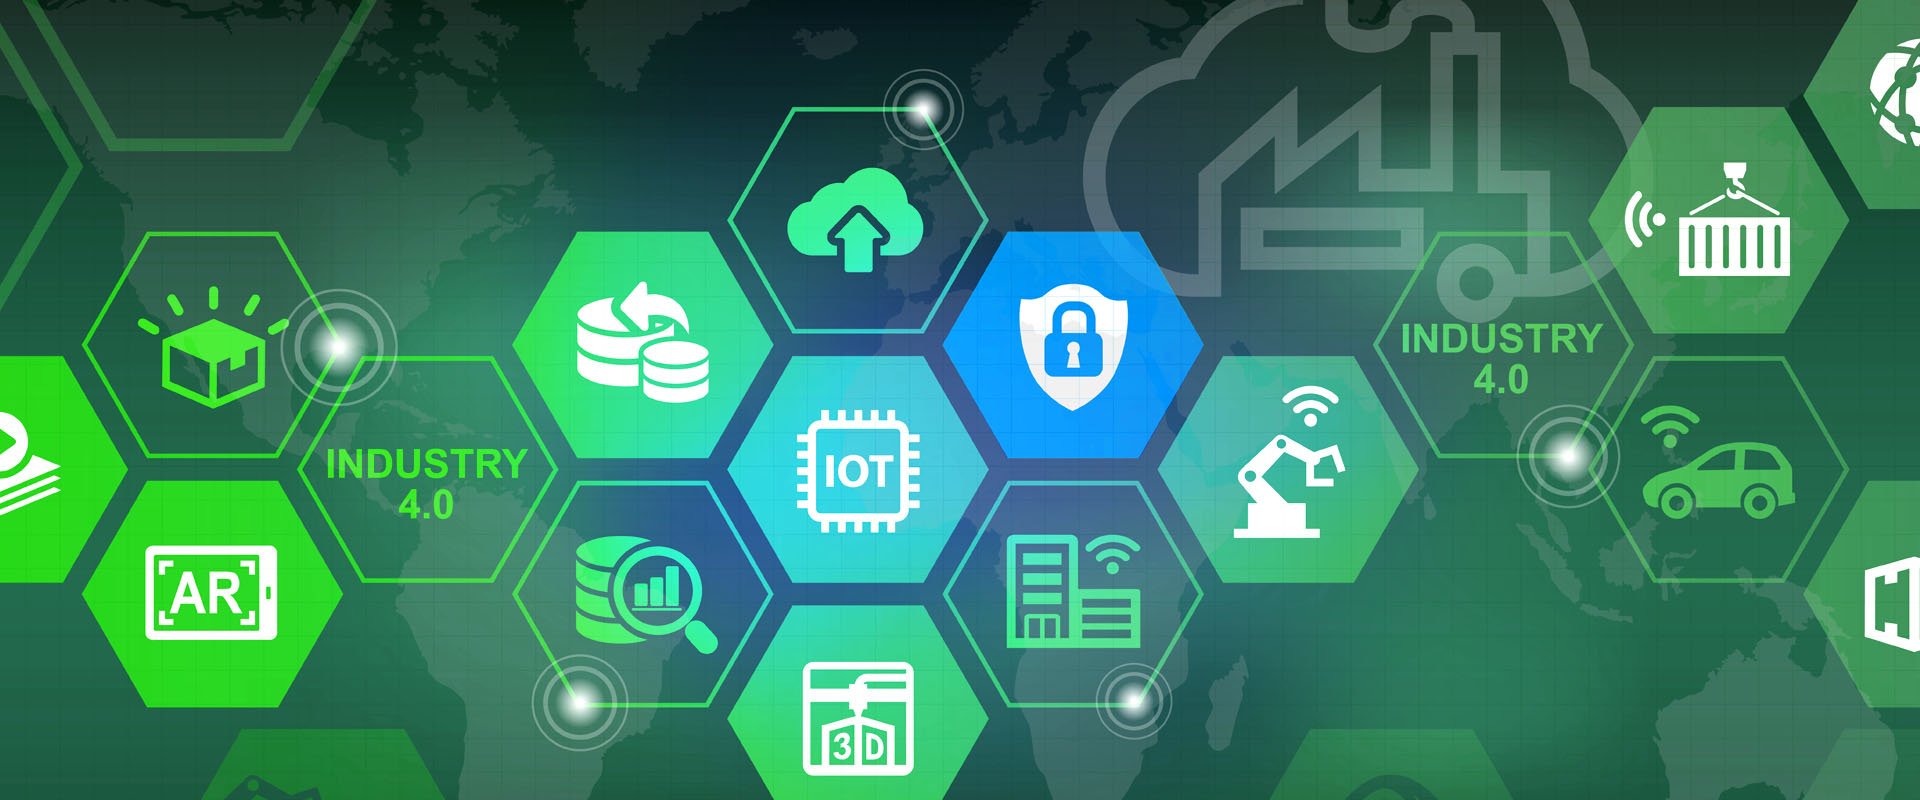 10/22 新型態智能資安應變大解析-『數位轉型AI化』 線上講座